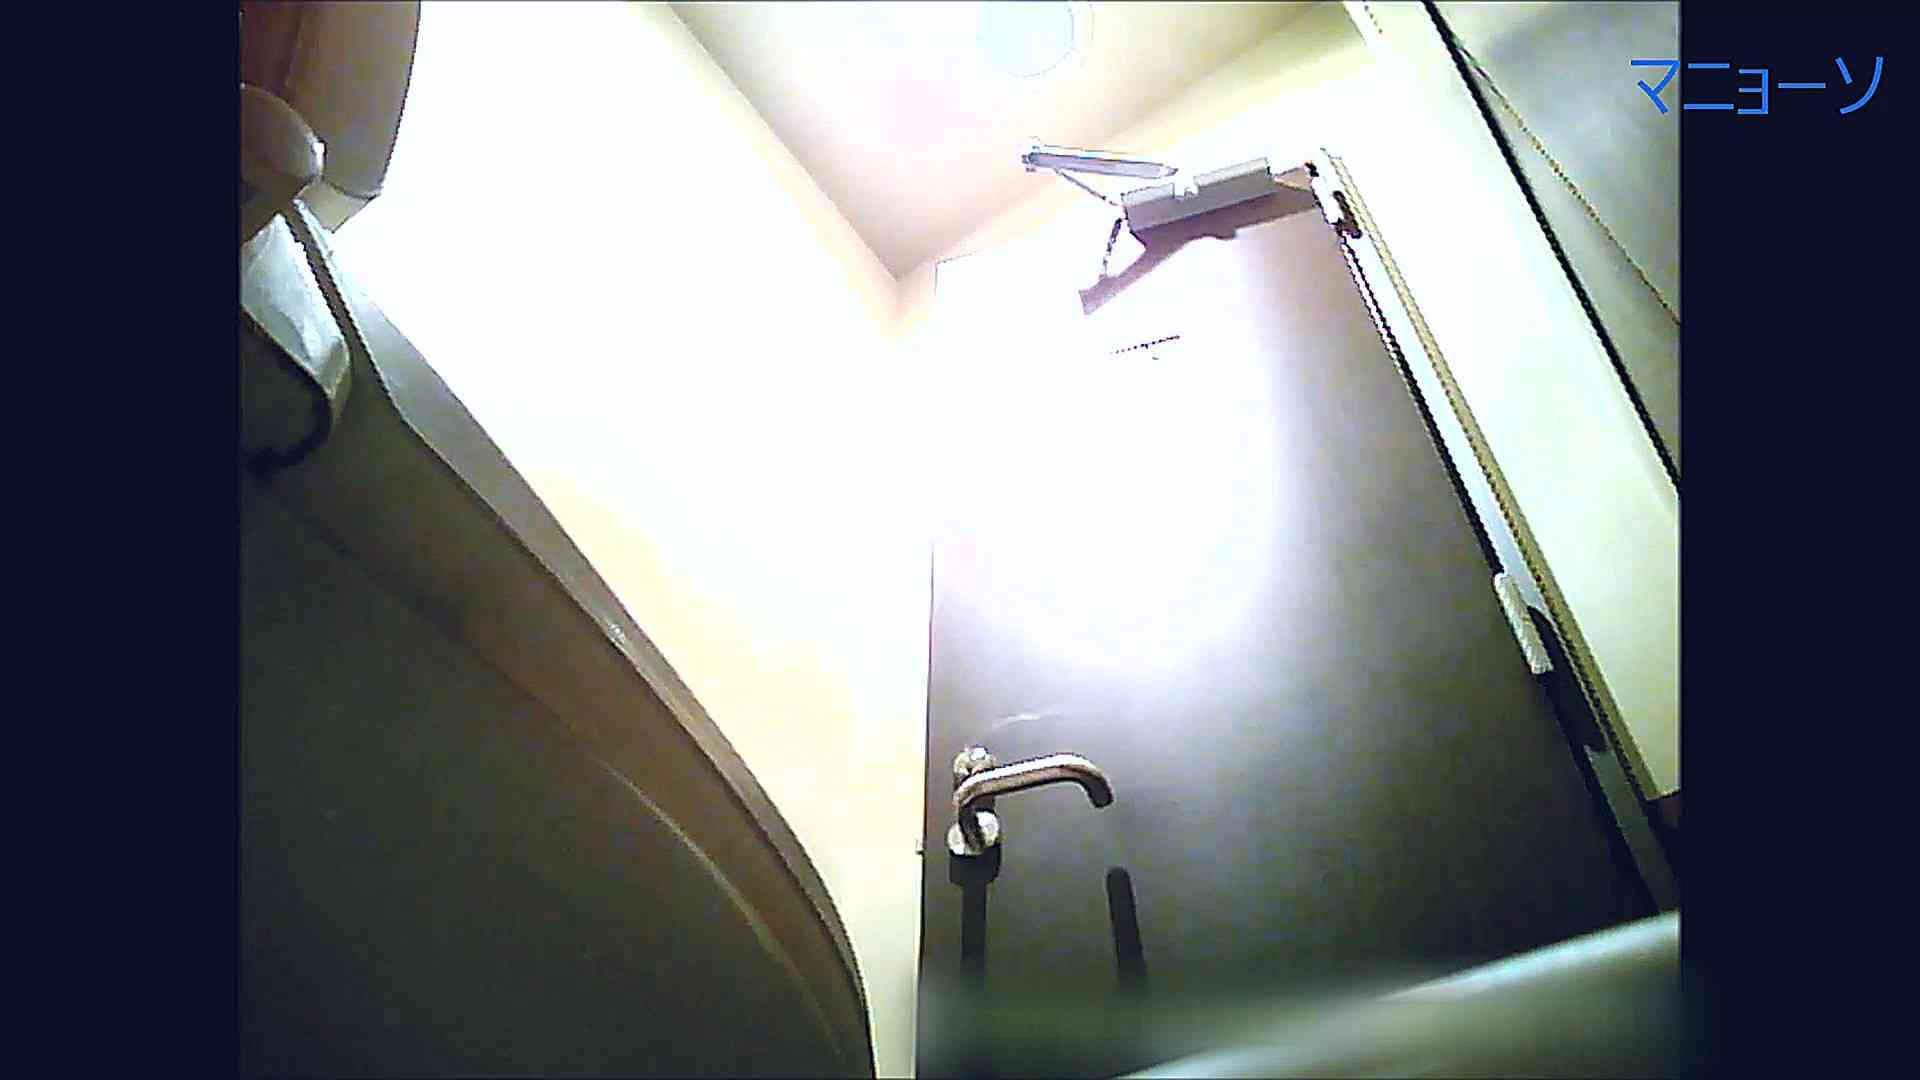 トイレでひと肌脱いでもらいました (OL編)Vol.08 OL   トイレ中  98連発 93